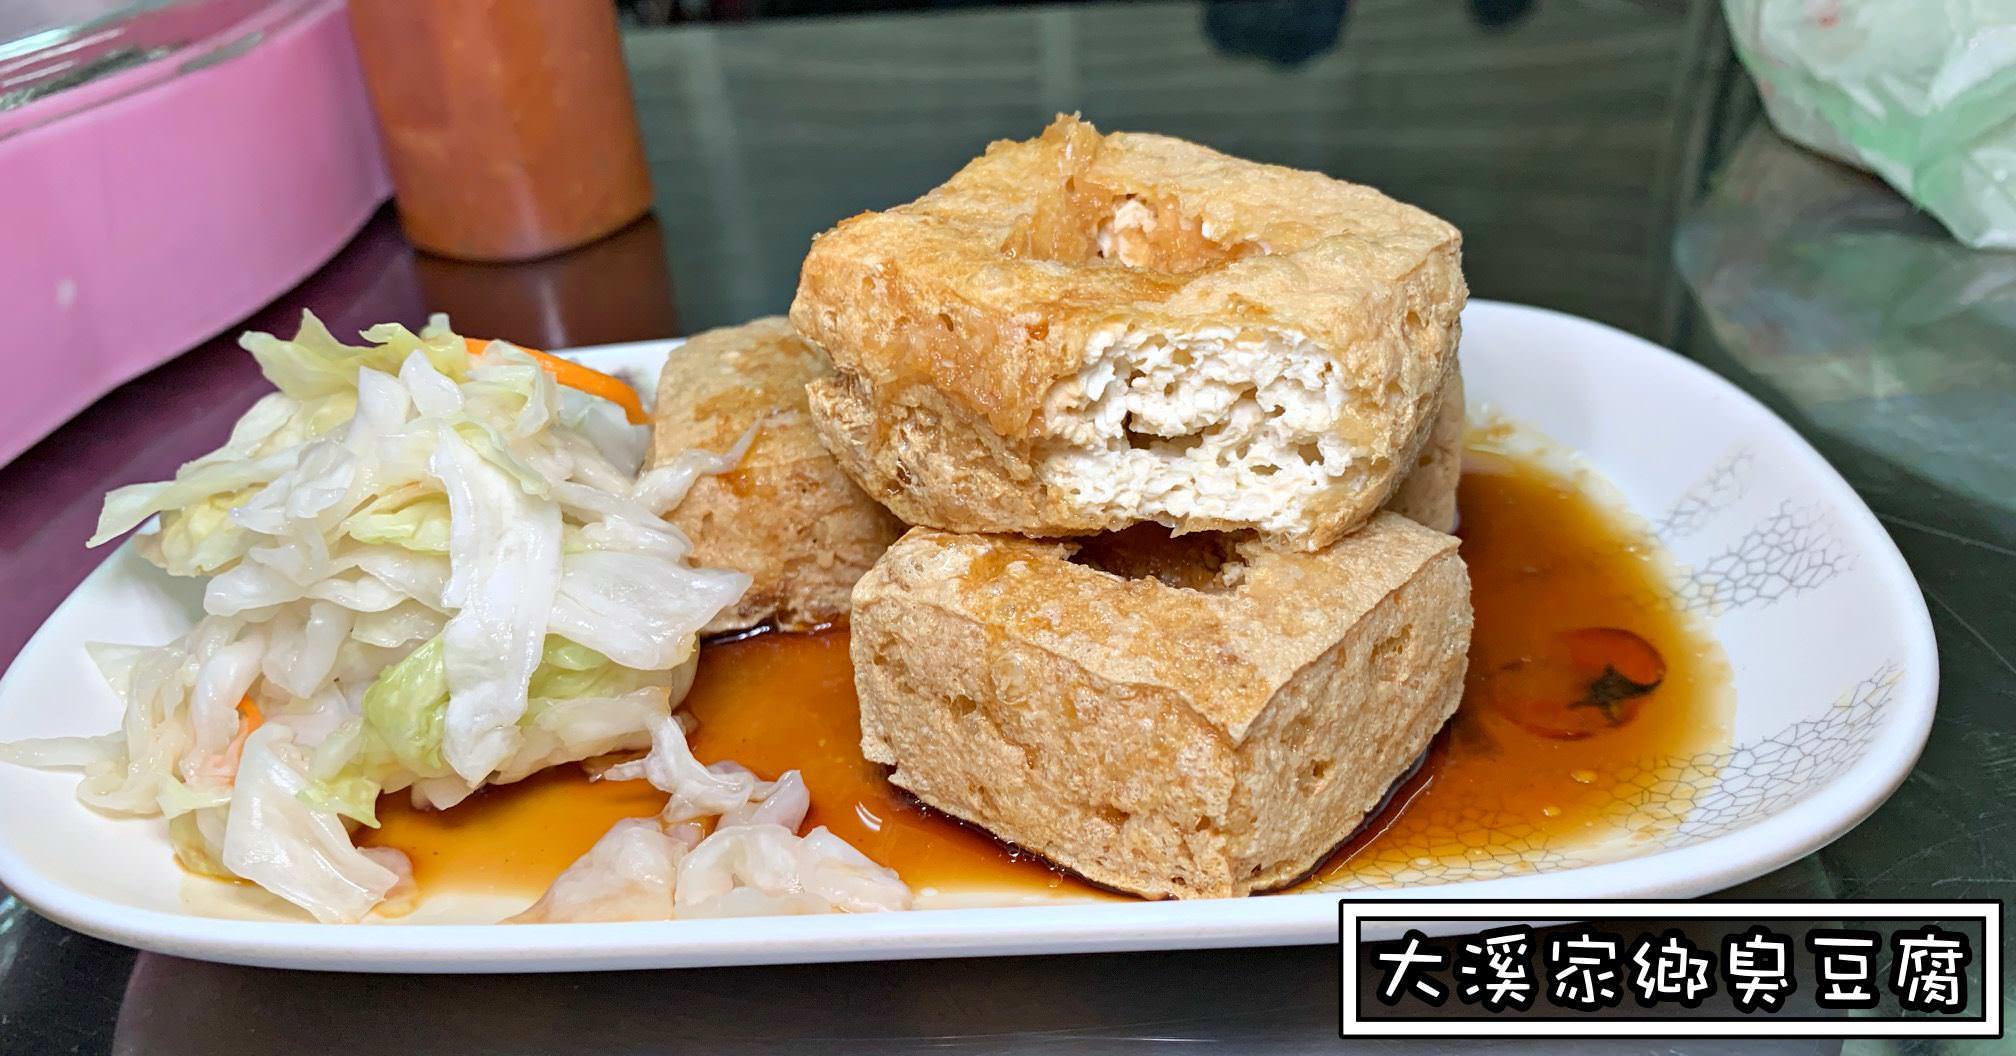 大溪家鄉臭豆腐